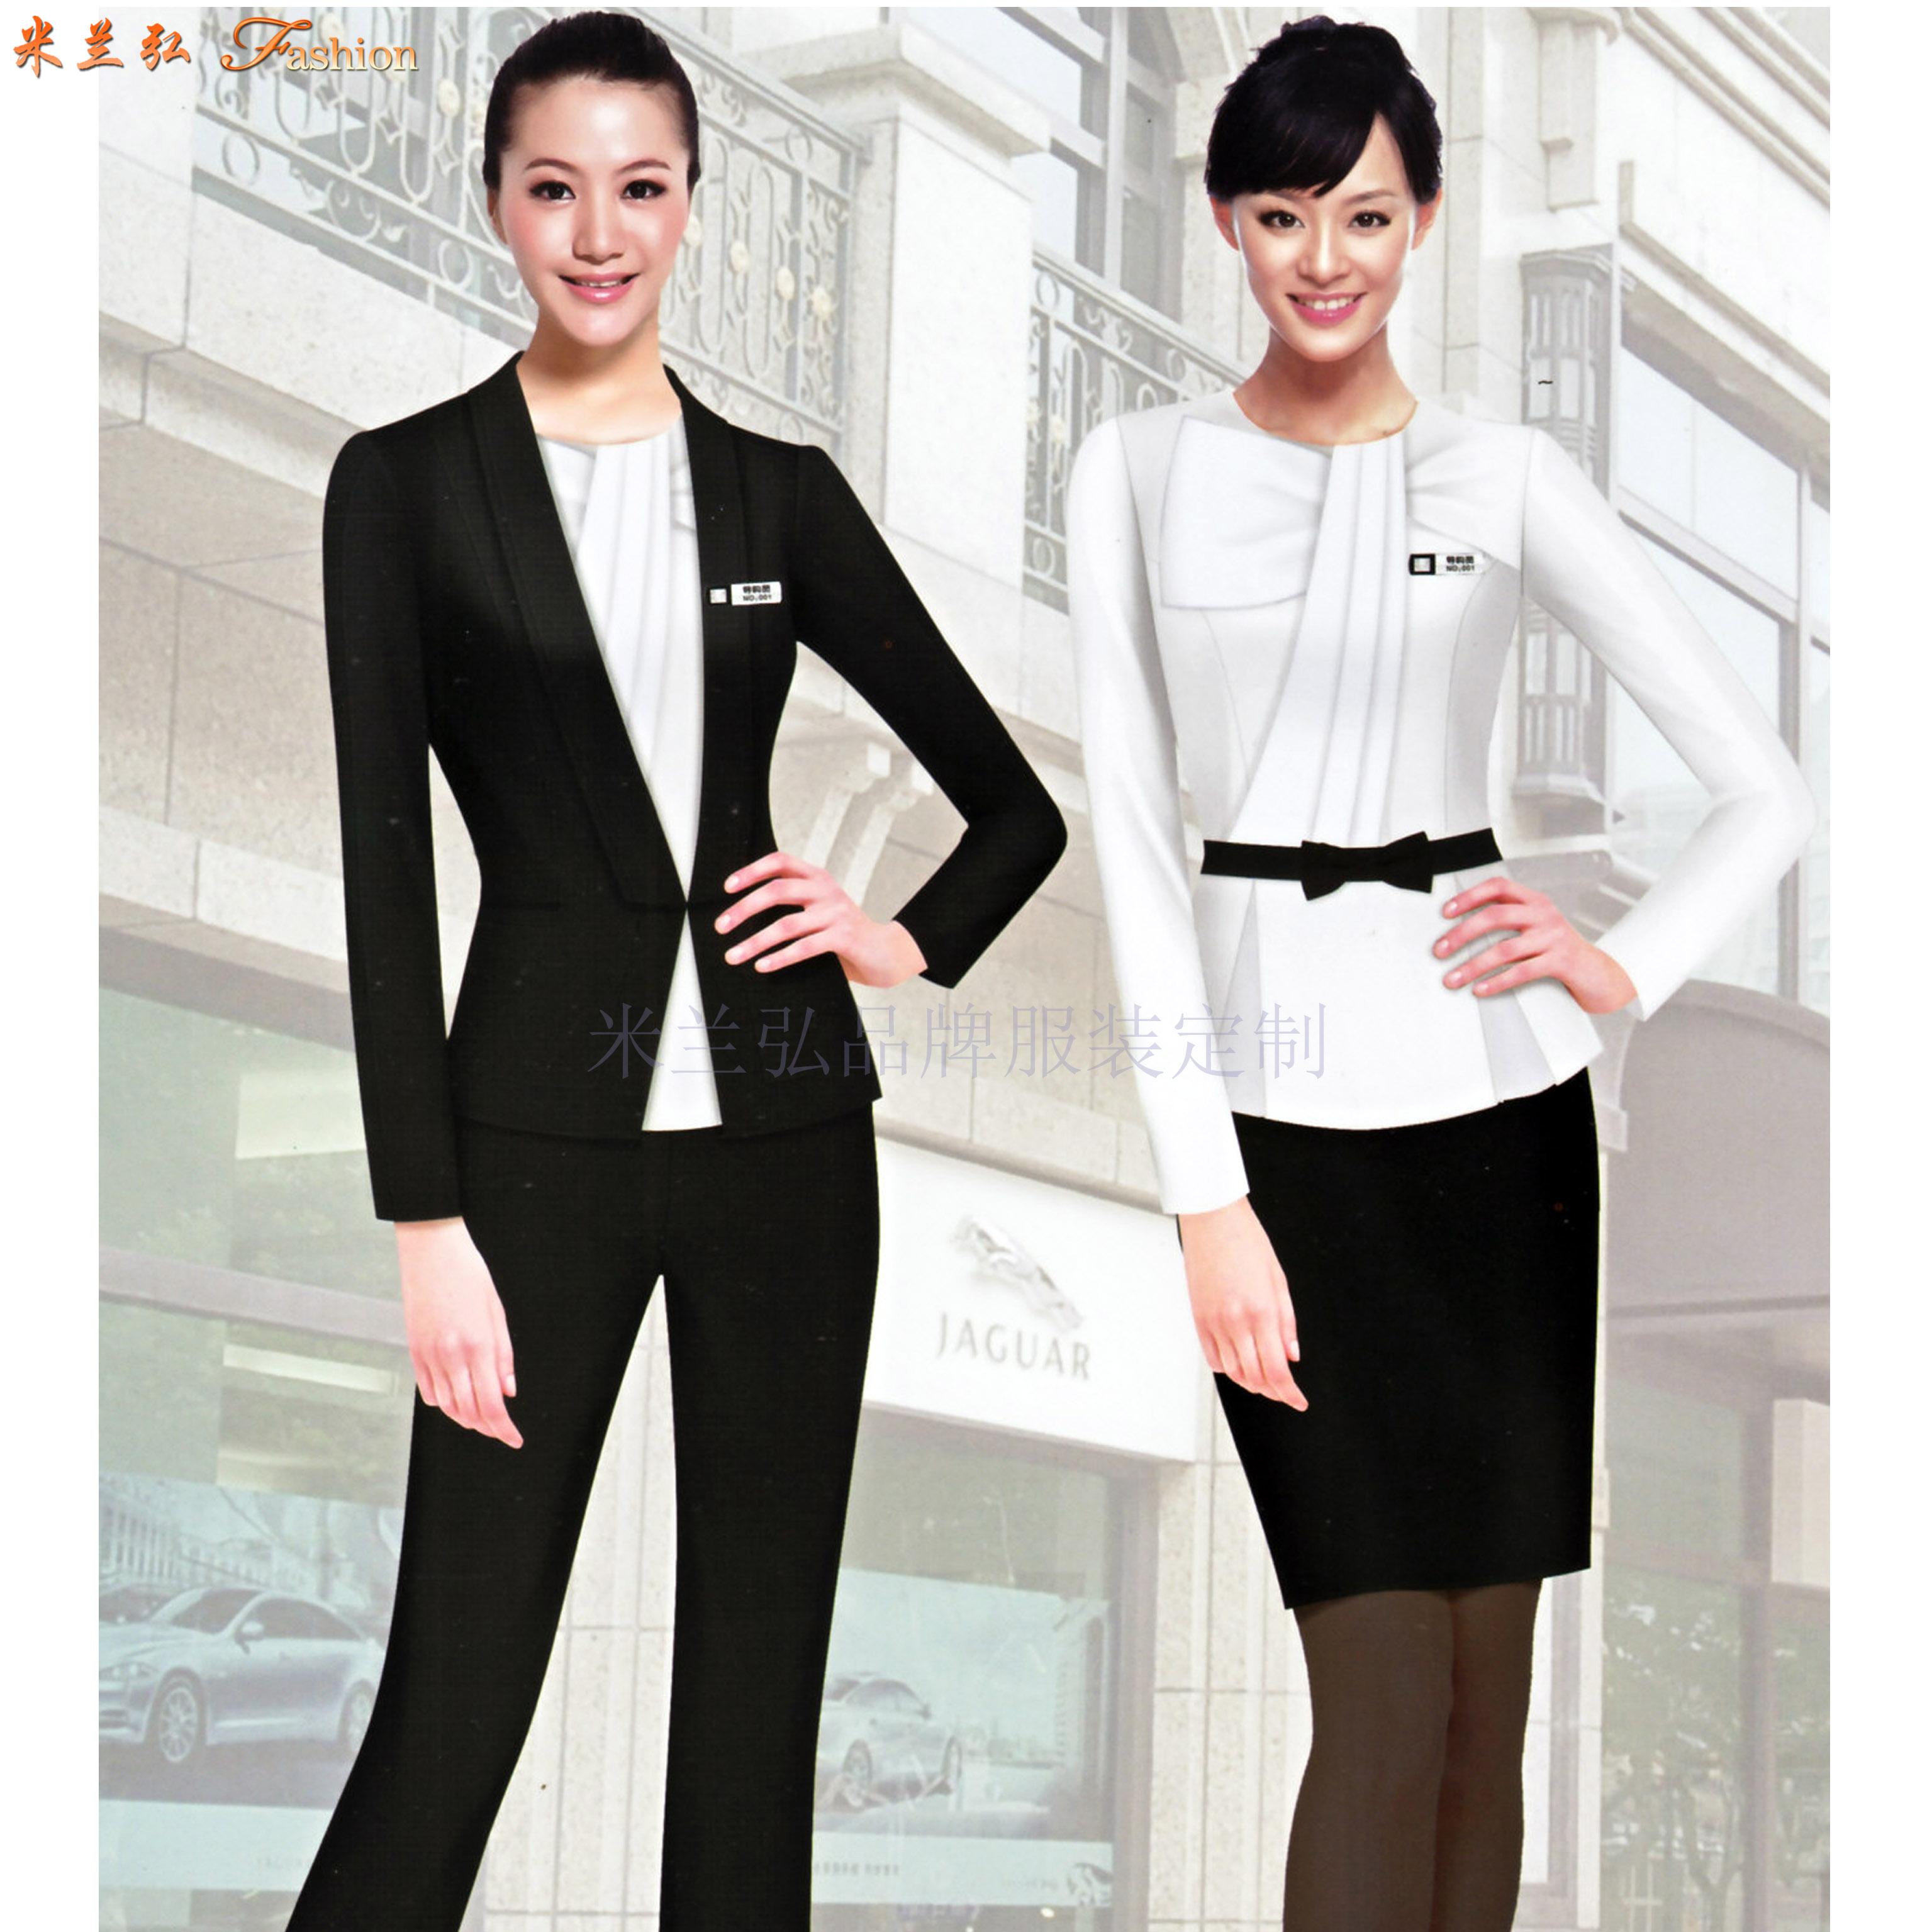 四川職業裝定做-職業正裝訂做廠家-米蘭弘服裝-3